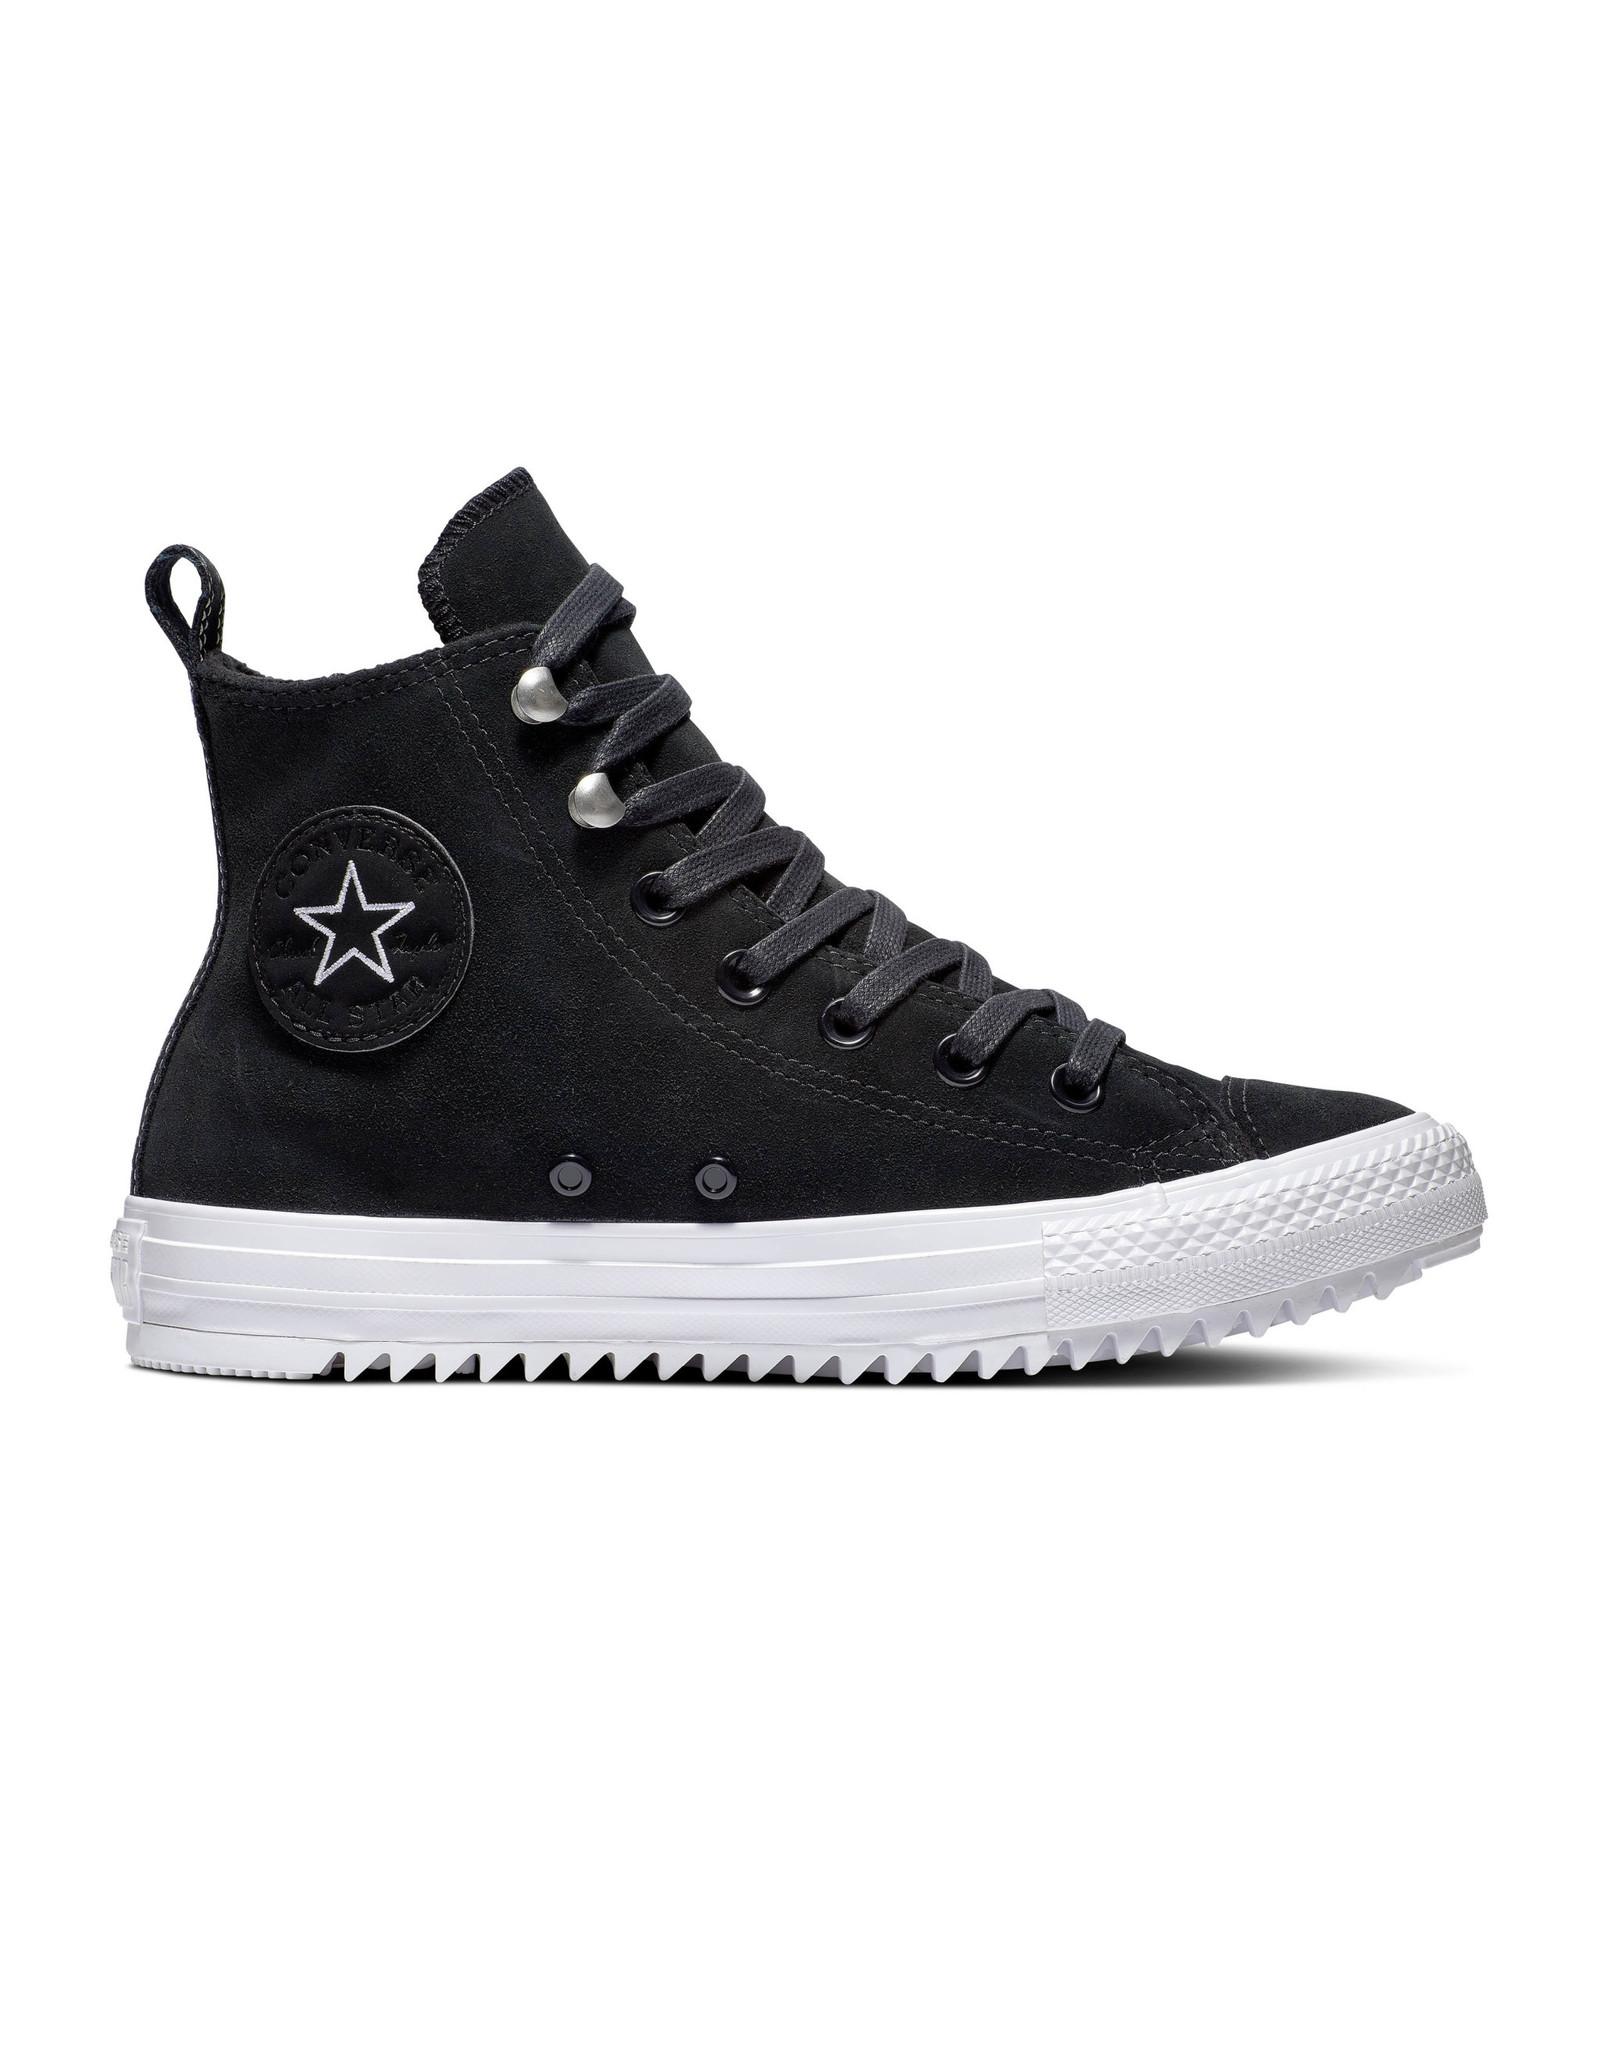 CONVERSE CHUCK TAYLOR ALL STAR HIKER HI CUIR BLACK/WHITE/BLACK CC19BW-565236C